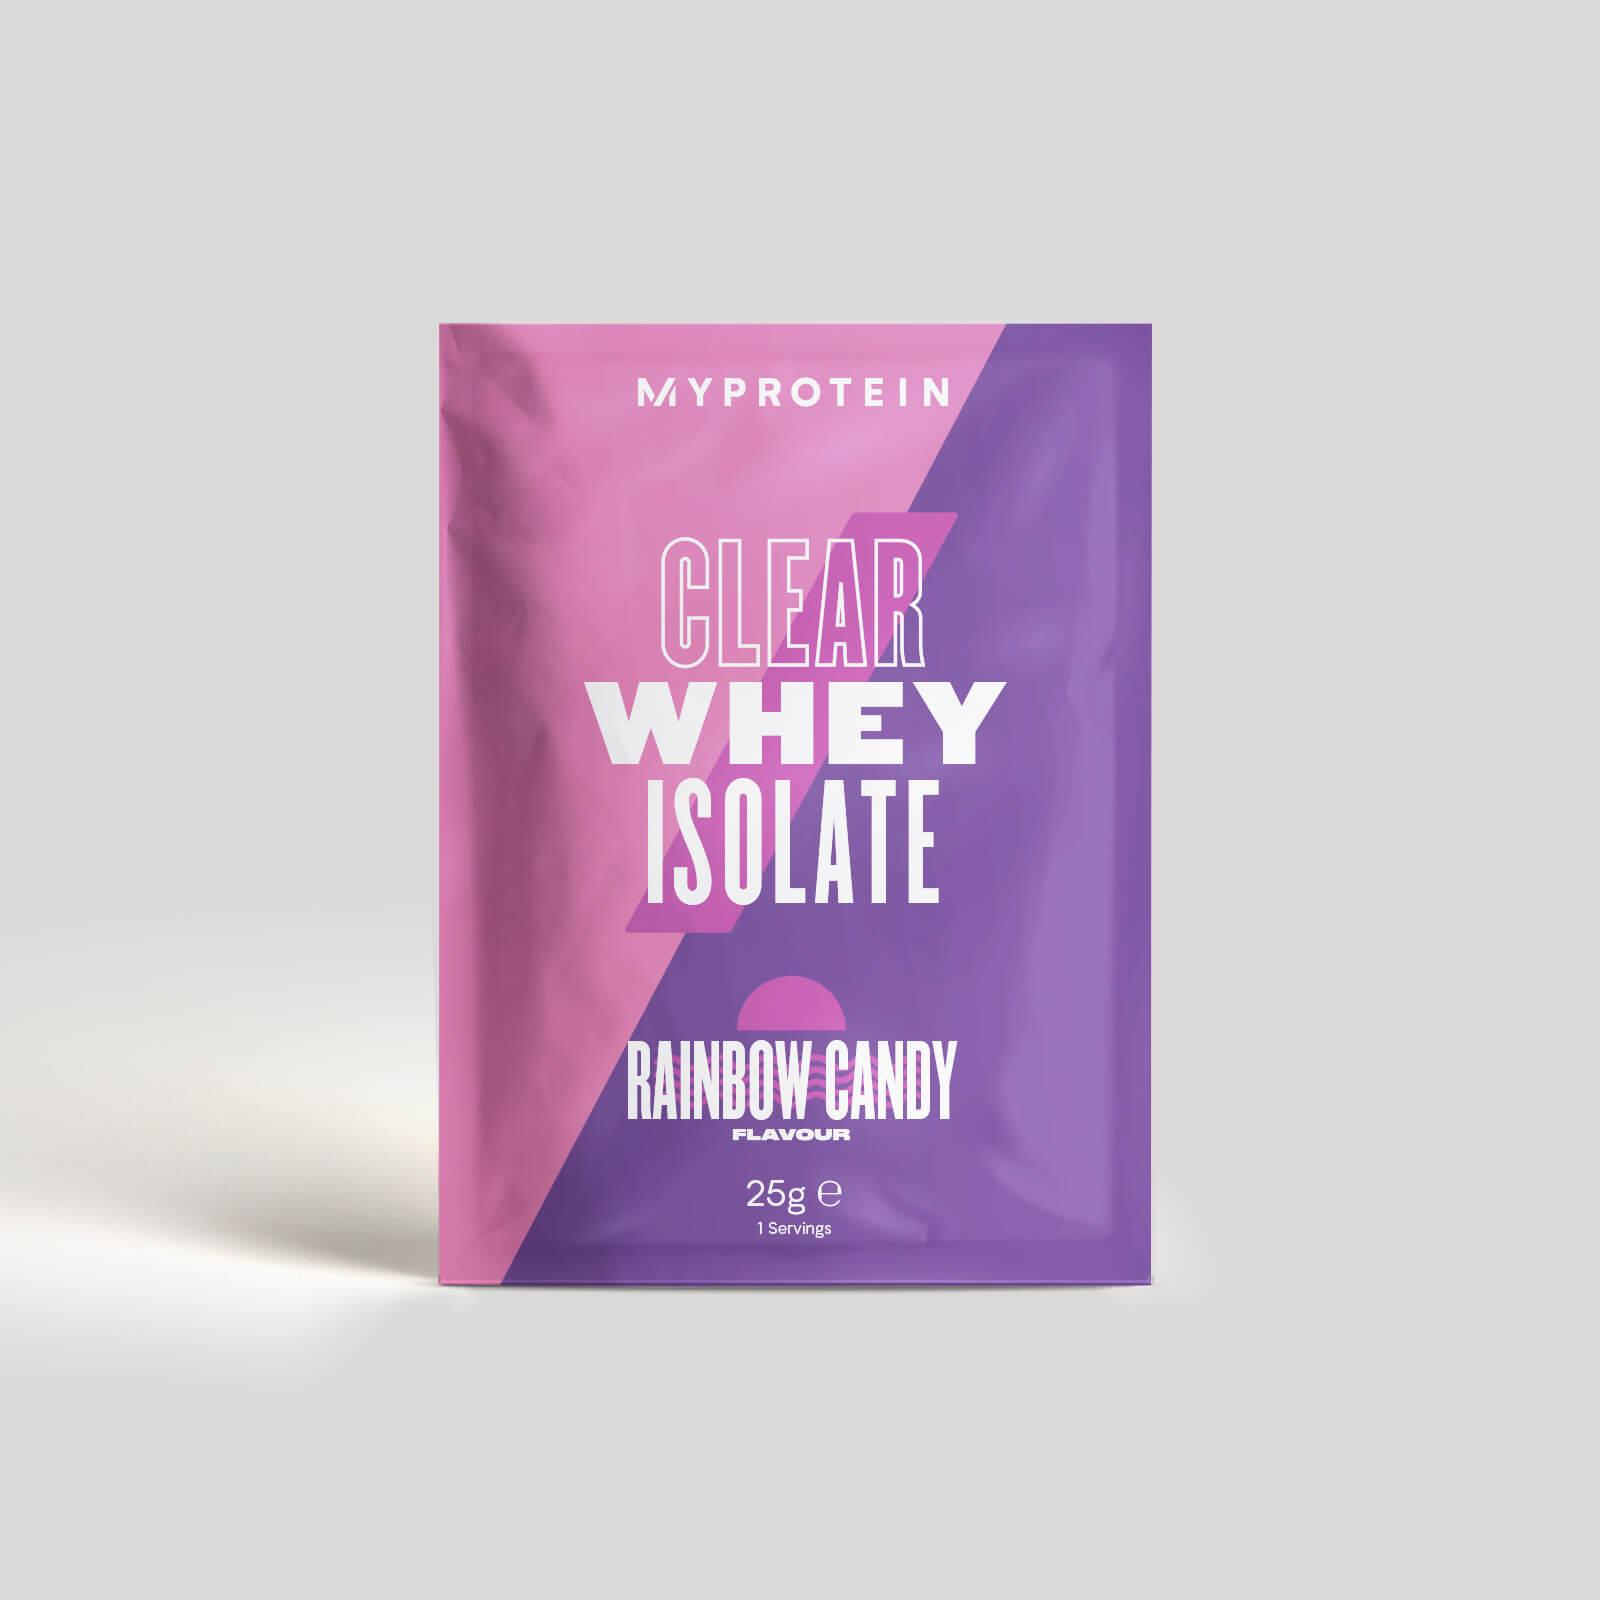 Myprotein Clear Whey Isolate (Échantillon) - 25g - Bonbons